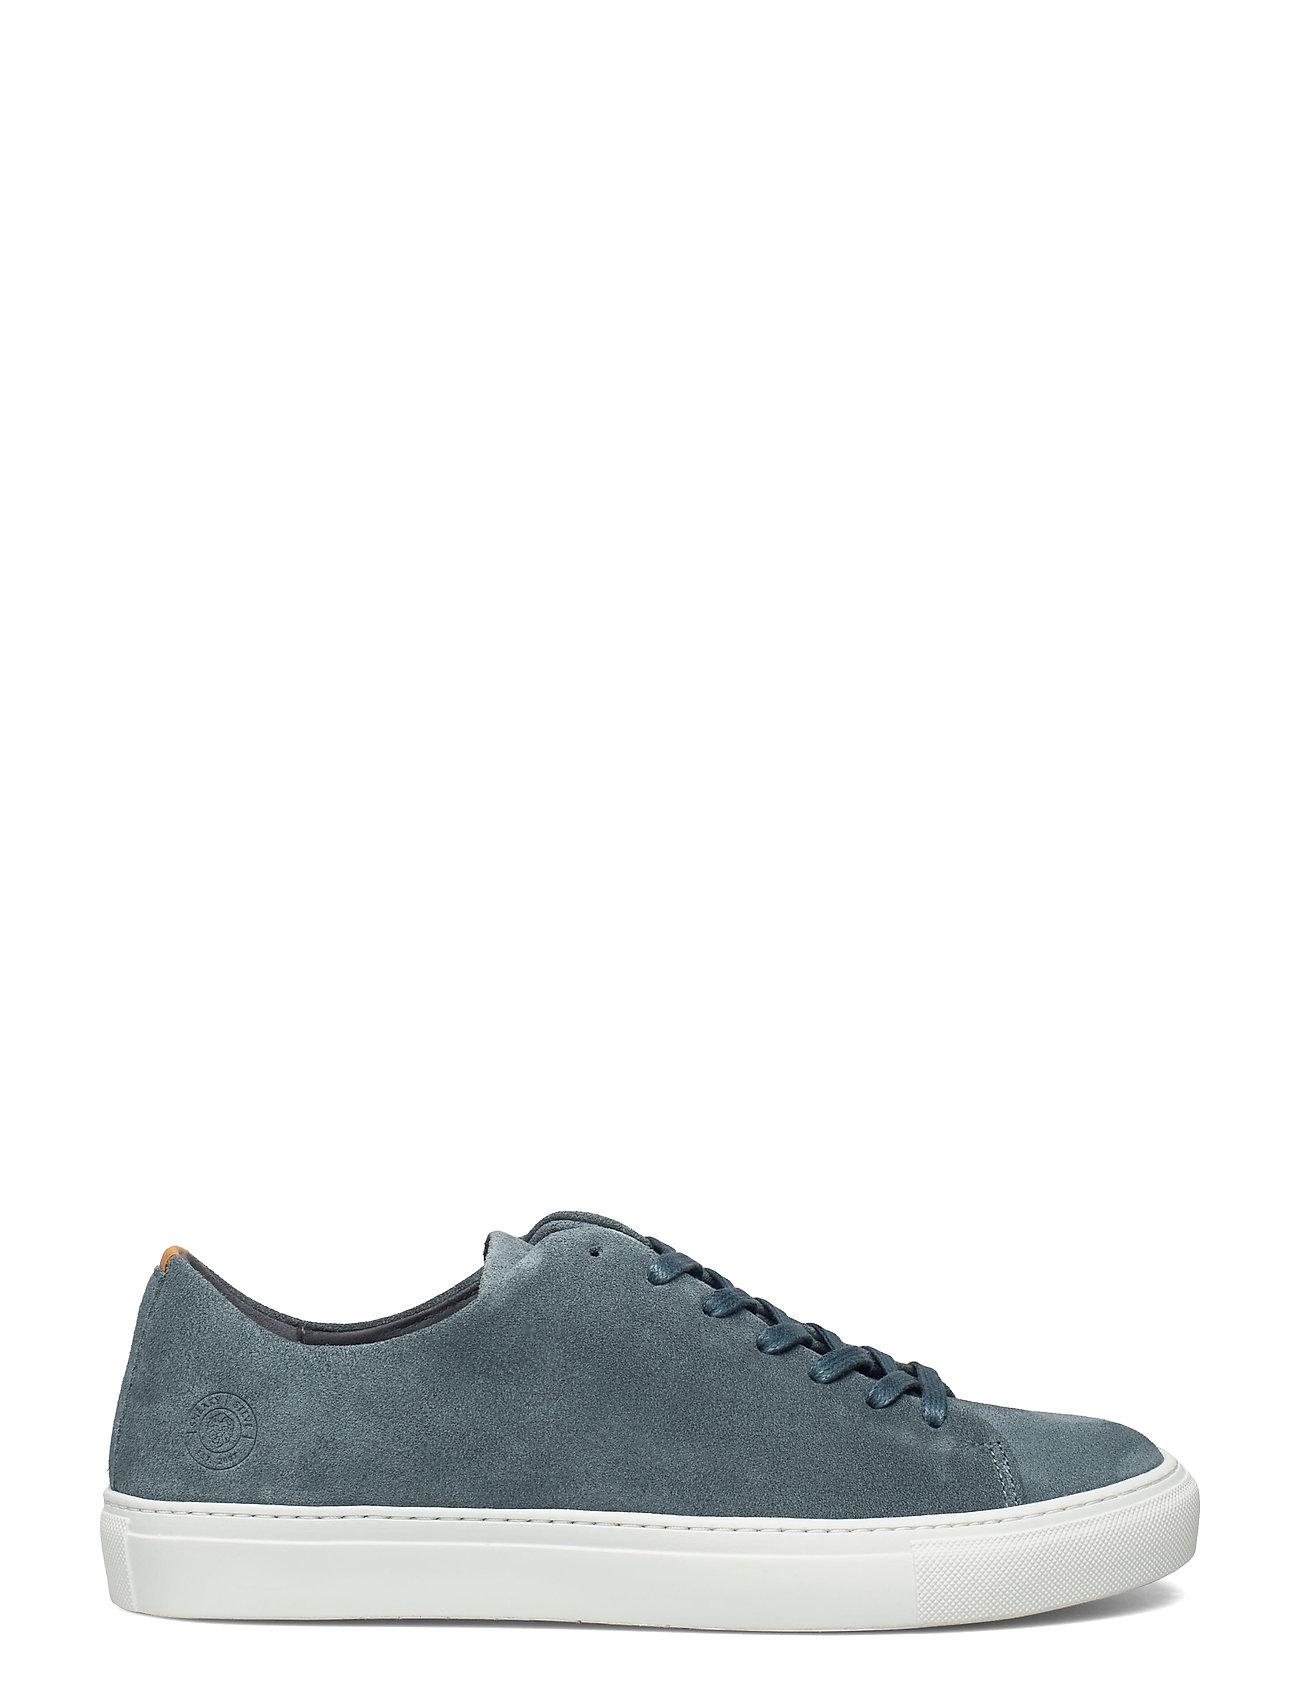 Image of Less Suede Shoe Low-top Sneakers Grå Sneaky Steve (3524535741)